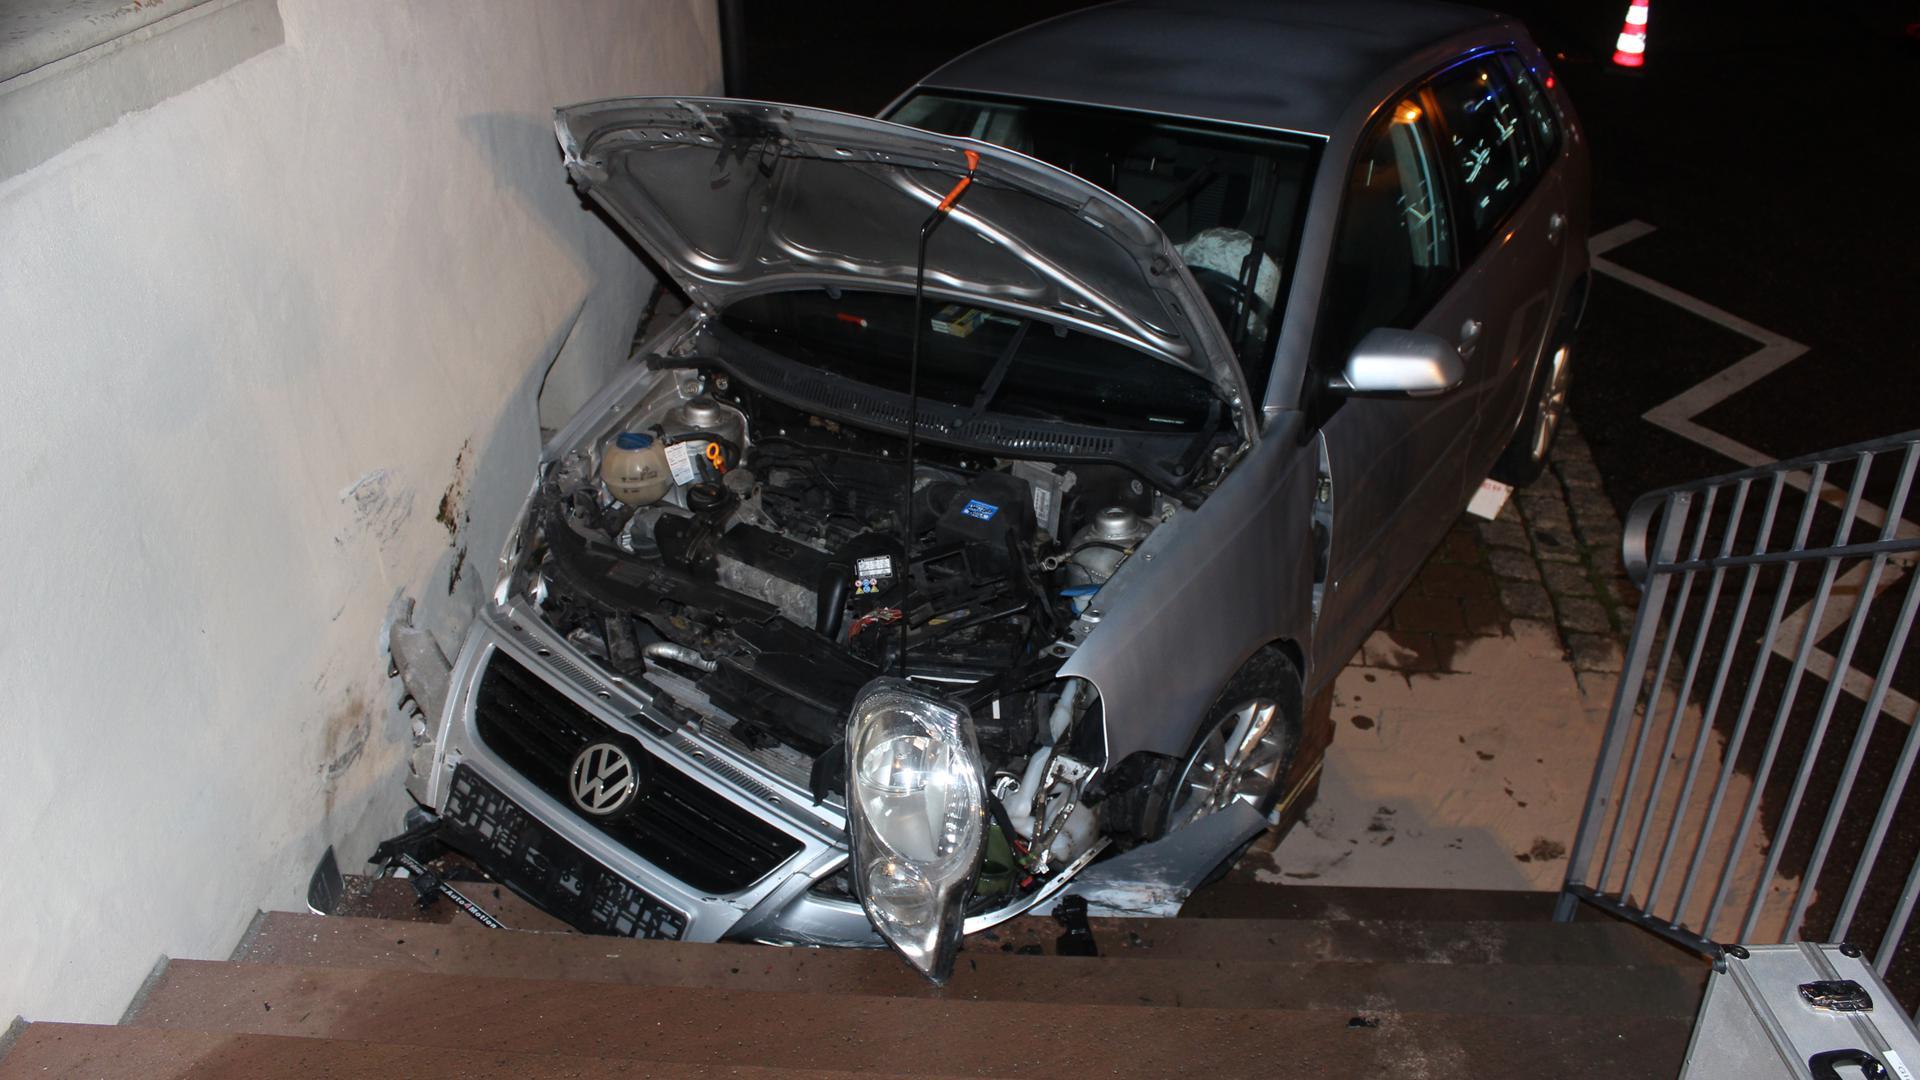 Der Unfallwagen hat einen wirtschaftlichen Totalschaden von 3.000 Euro.